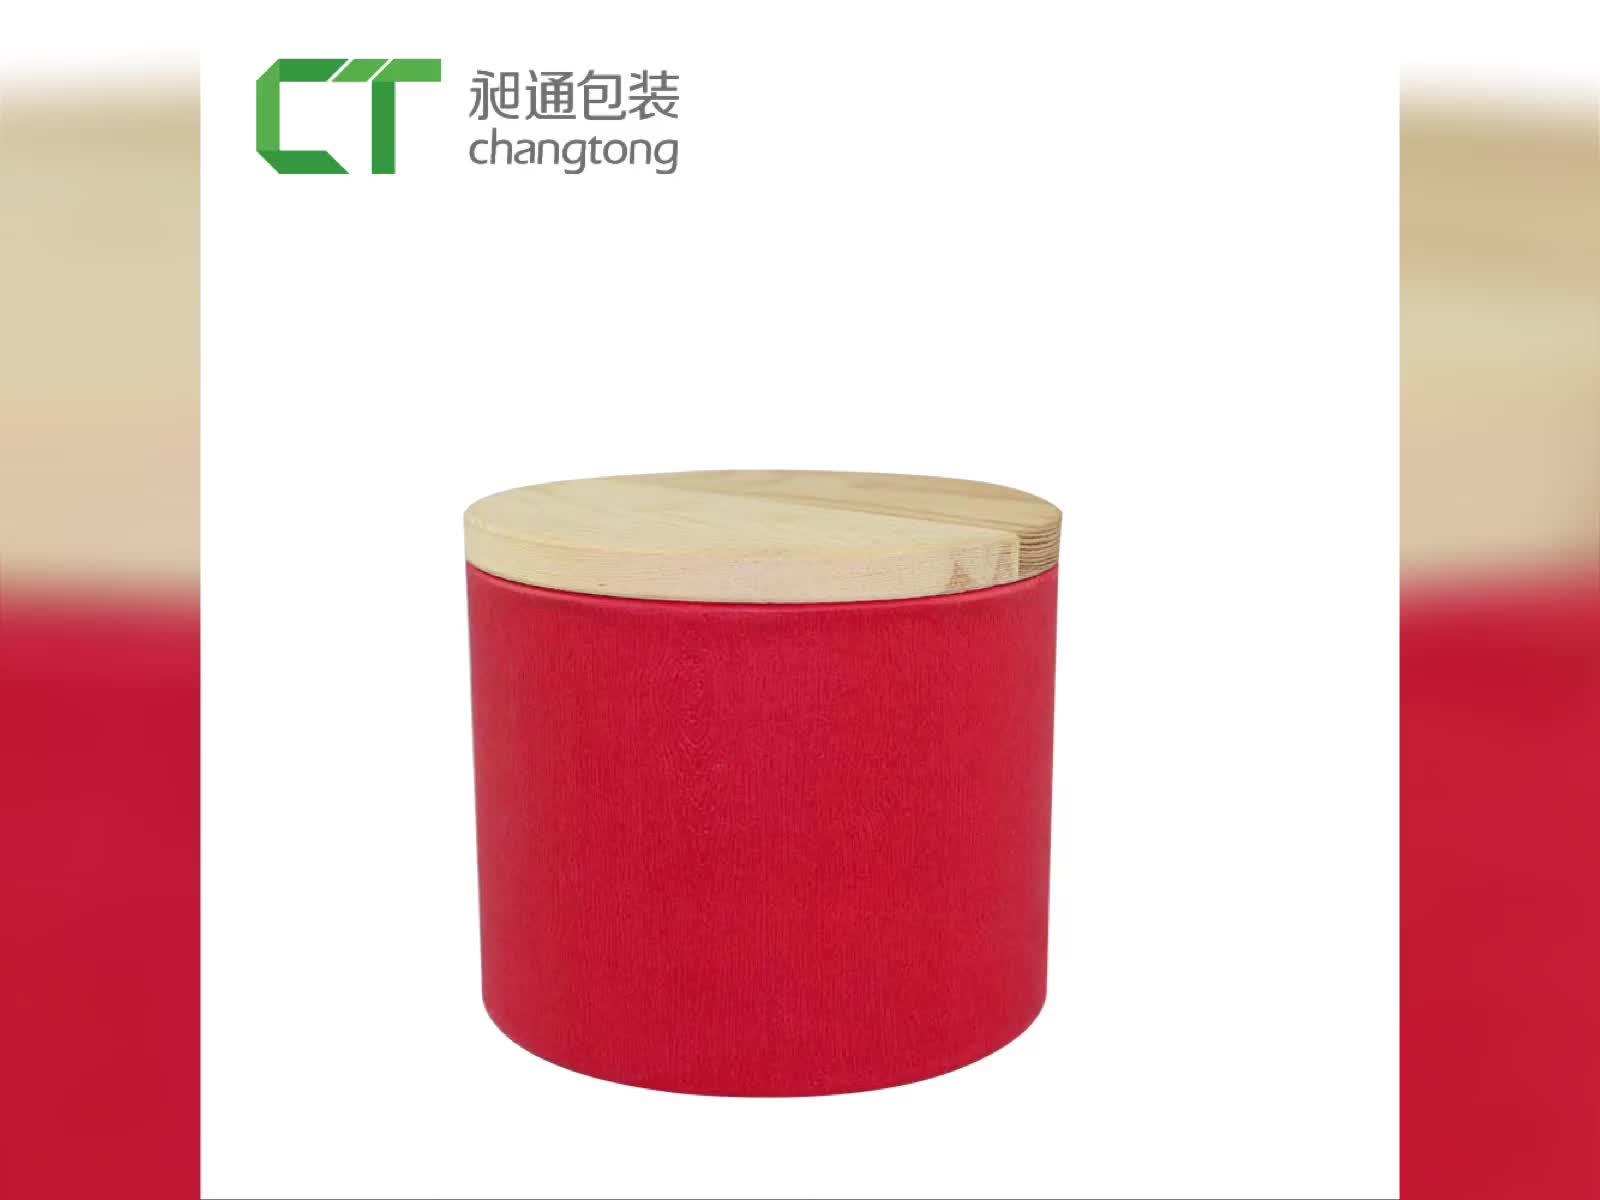 थोक उत्पादों को चीन लाल छोटे चाय कागज सिलेंडर पैकेजिंग बॉक्स